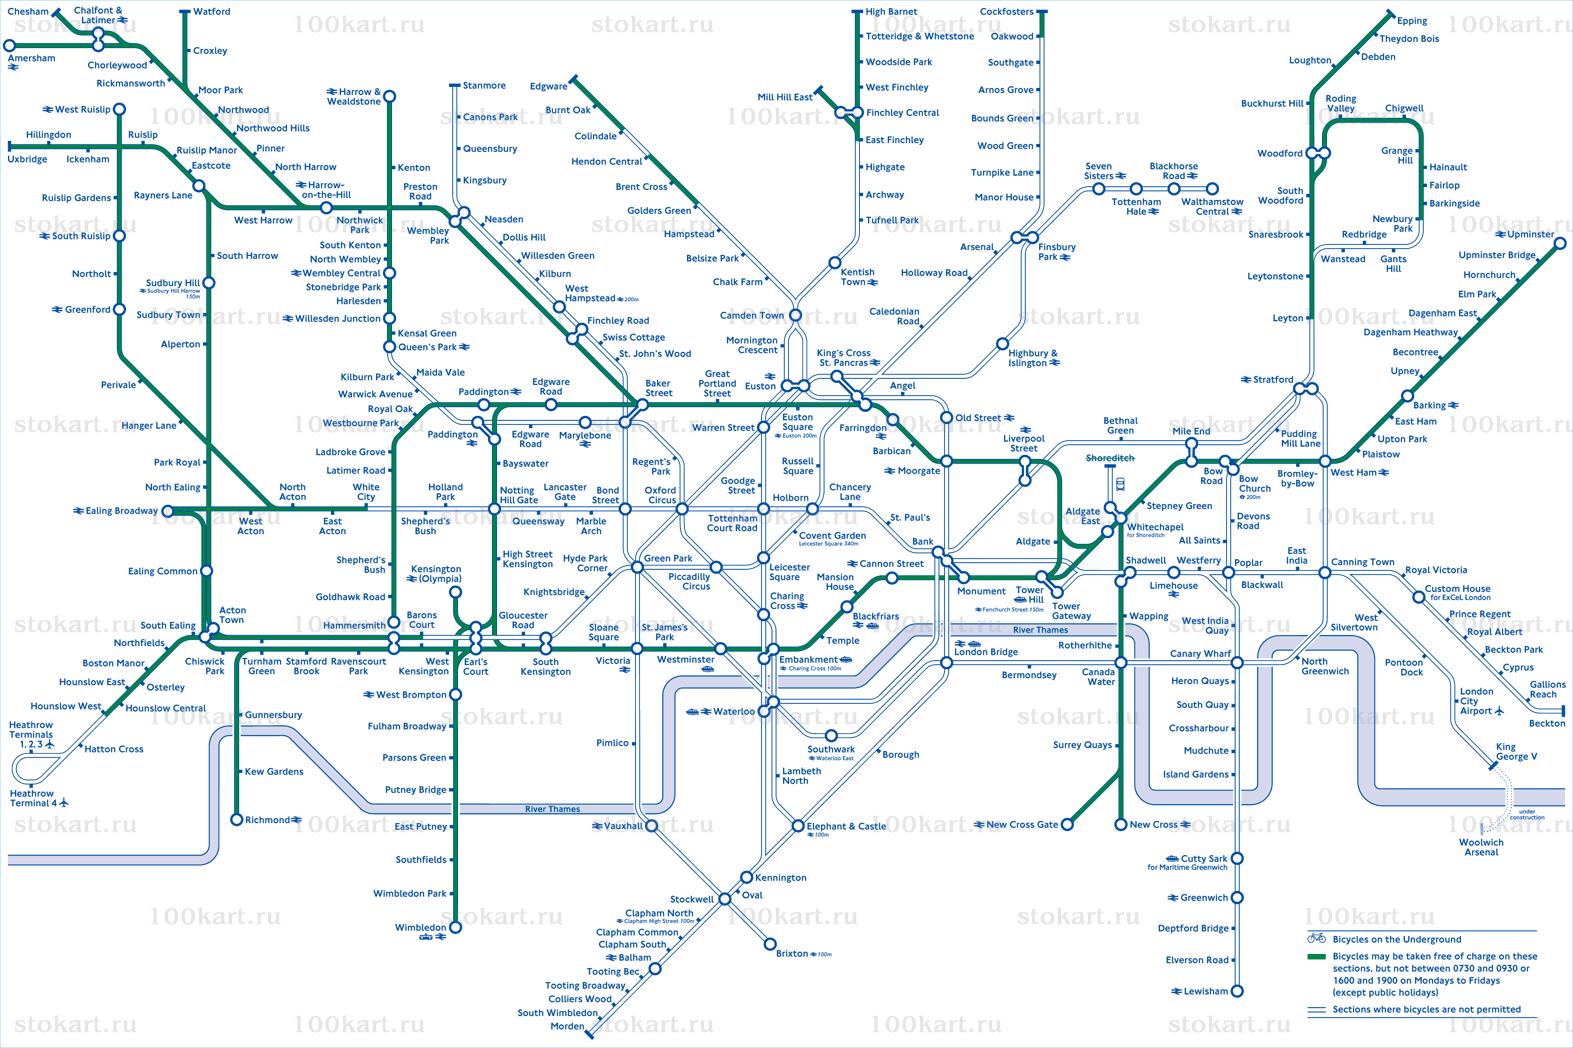 Схема метро в Лондоне со списком станций, на которые можно брать велосипед., а также карты Германии, Франции, Египта...